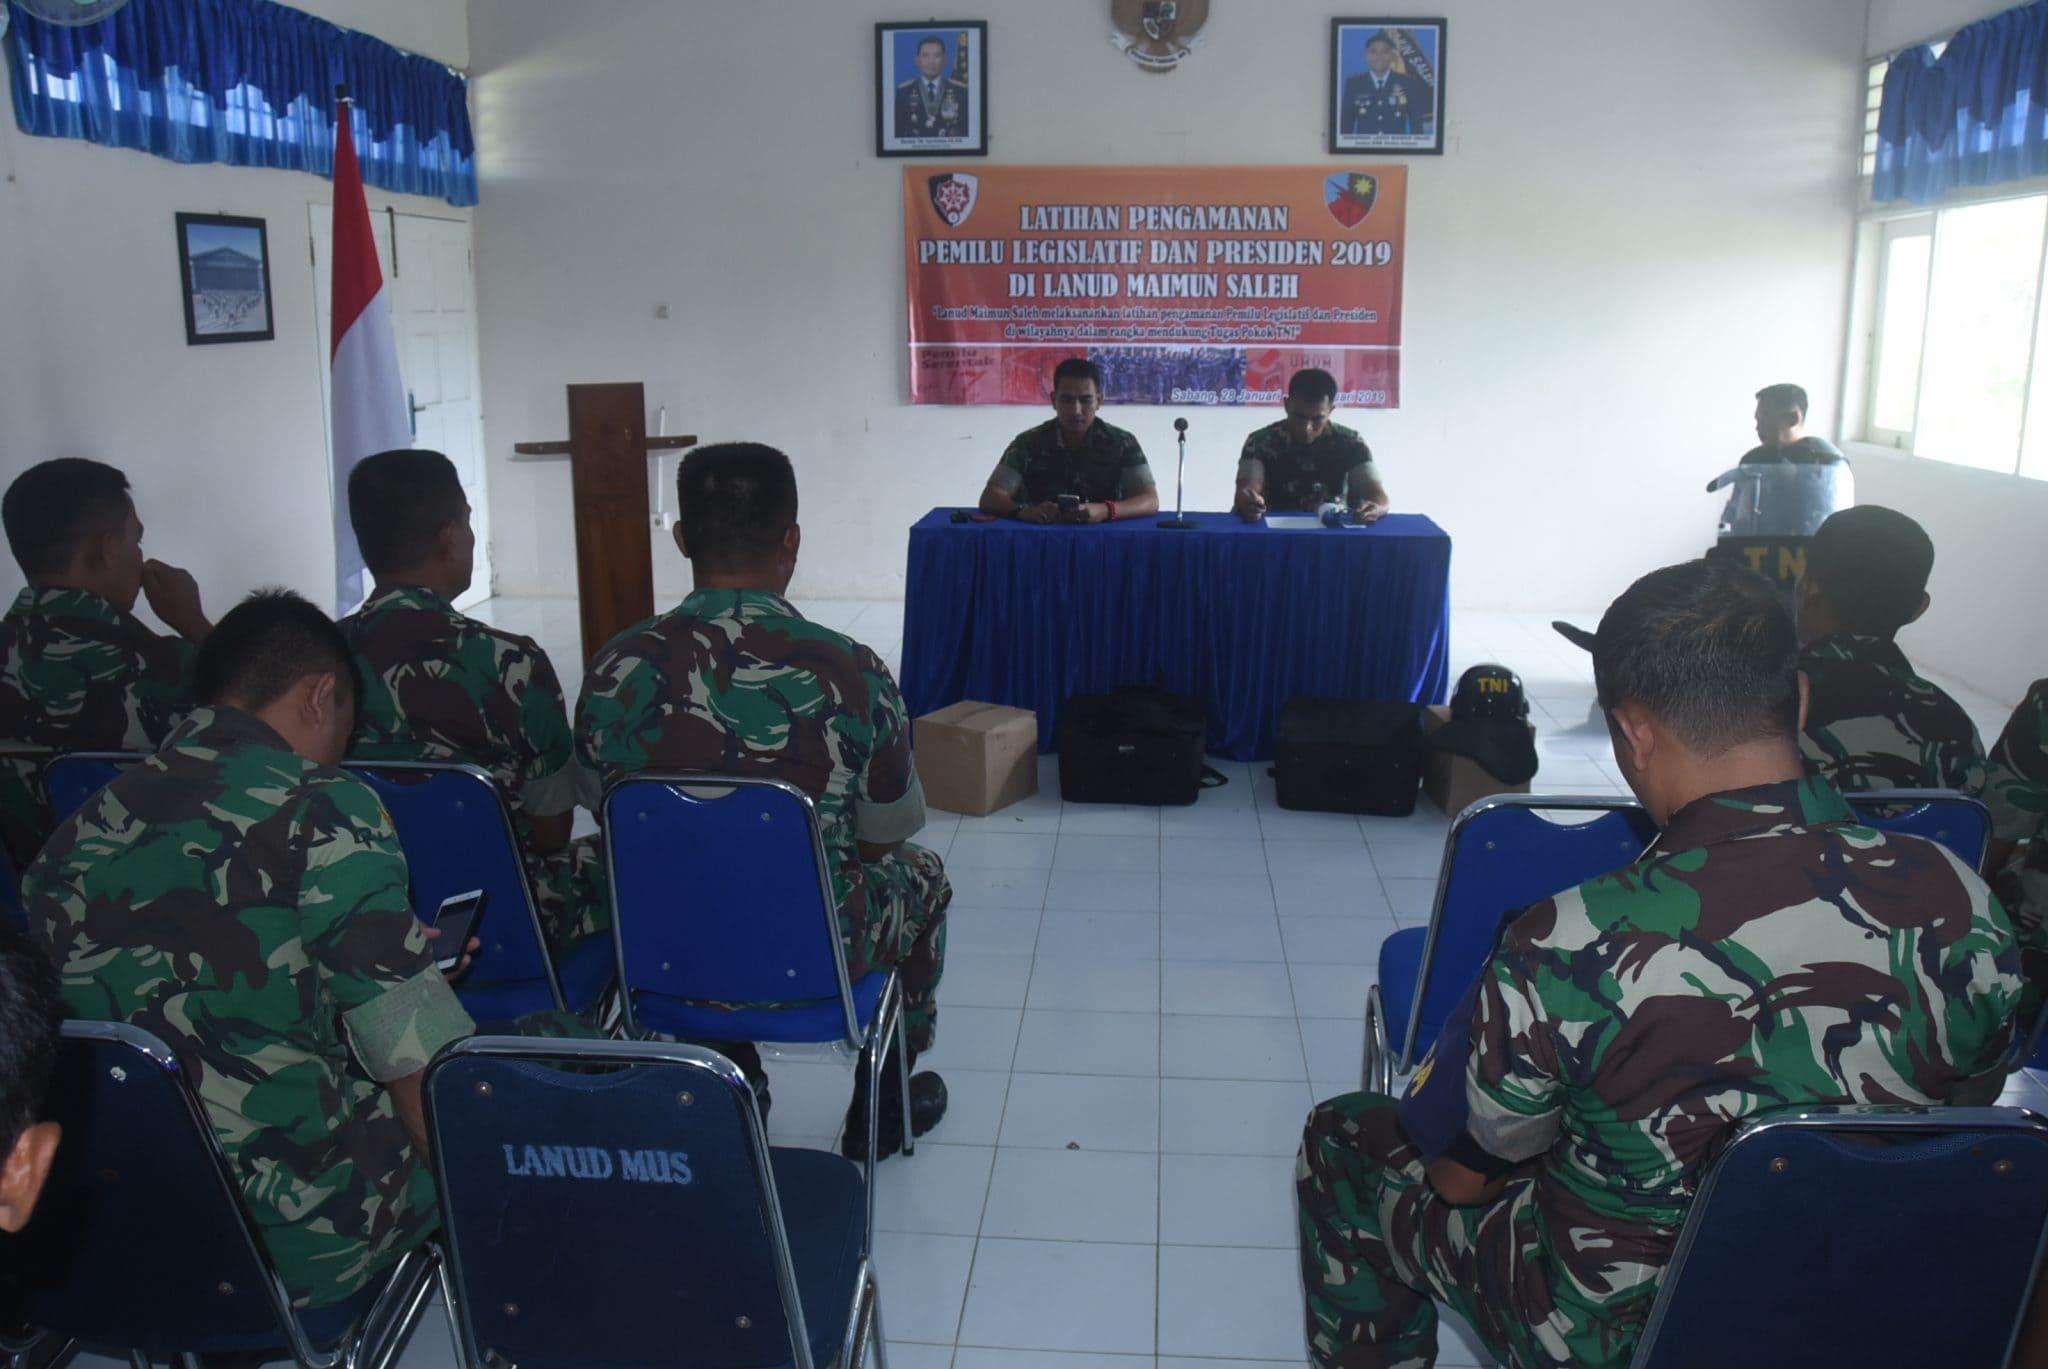 Latihan Pengamanan Pemilu Legeslatif Dan Presiden 2019